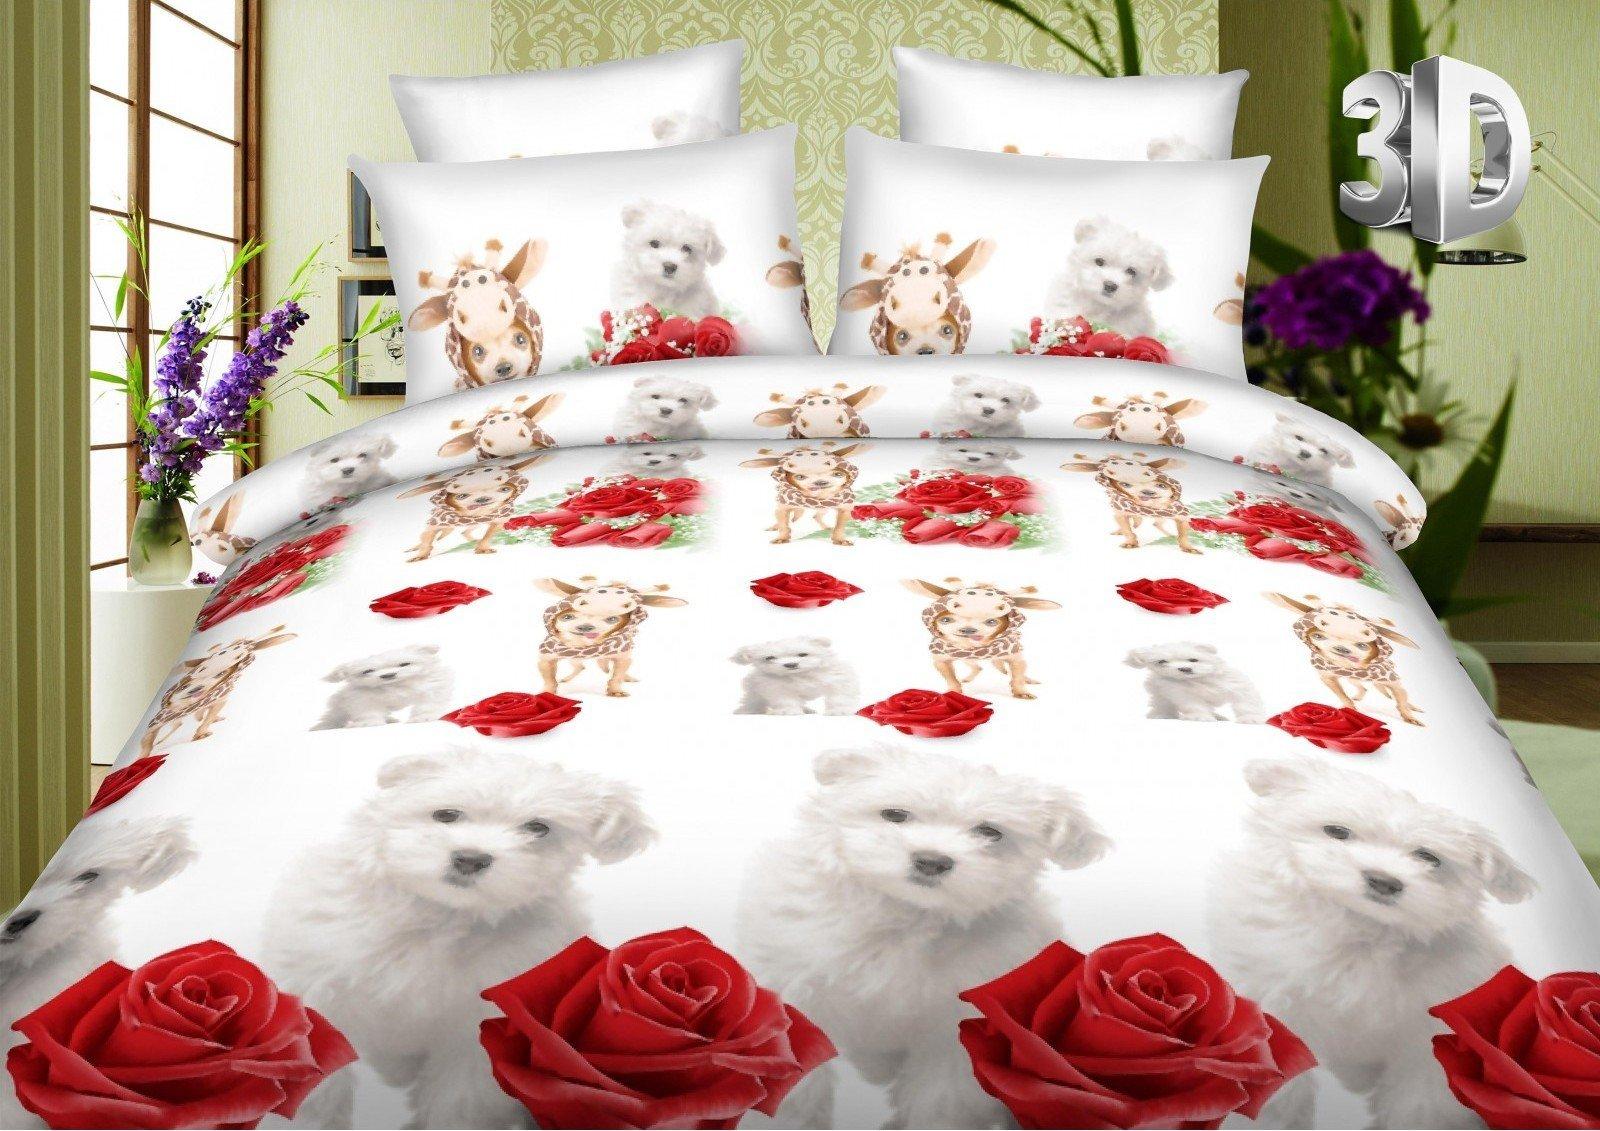 Постільна білизна з розміром простирадла 215 х 220 см купити в Київі ... 2dd8290d89267